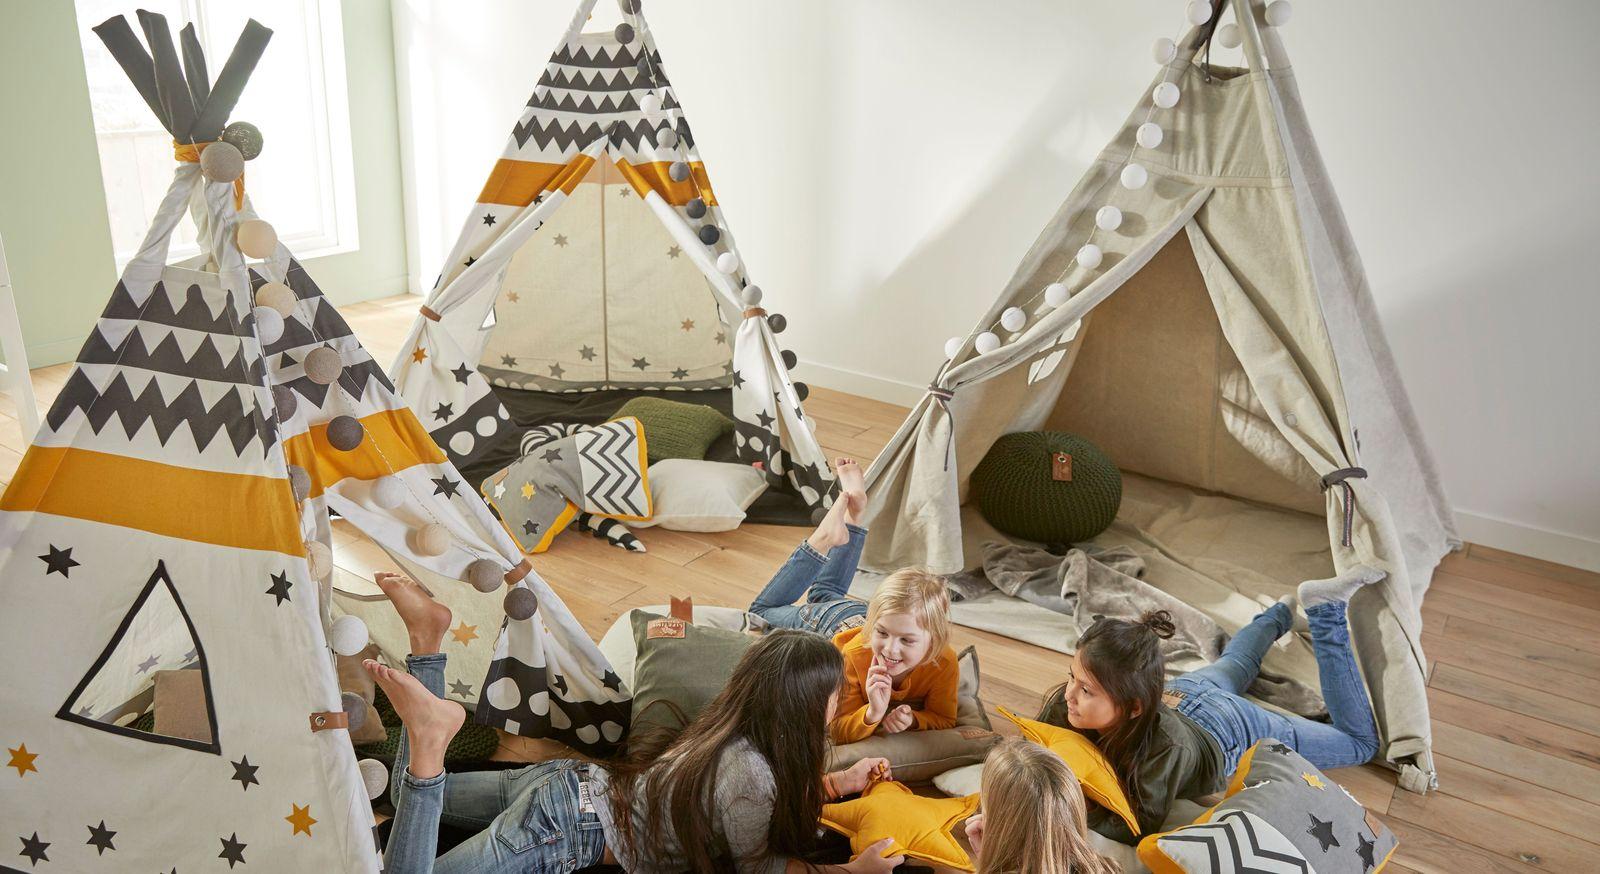 Kinder Etagenbett Camping : Zu vermieten camping aller leine tal